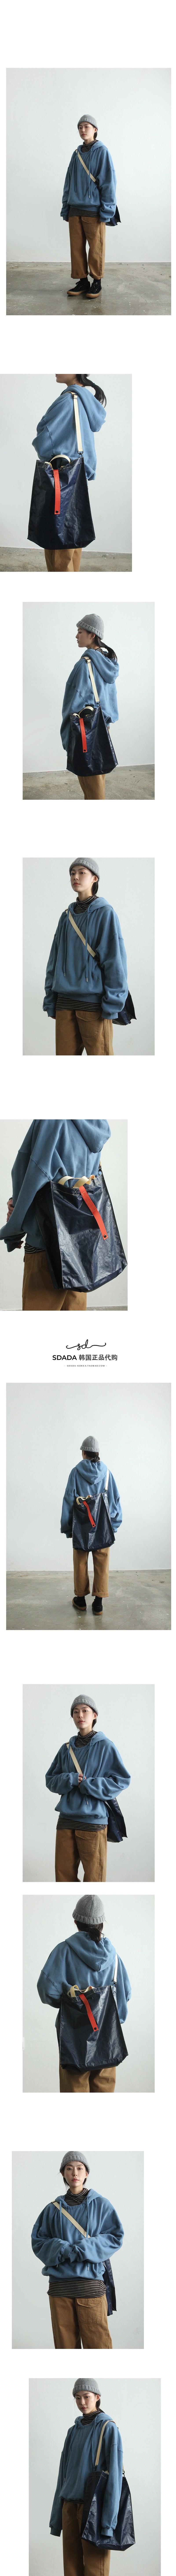 韓國代購19SS stitch rectangle paper shopping bag 單肩購物袋 低價 批發